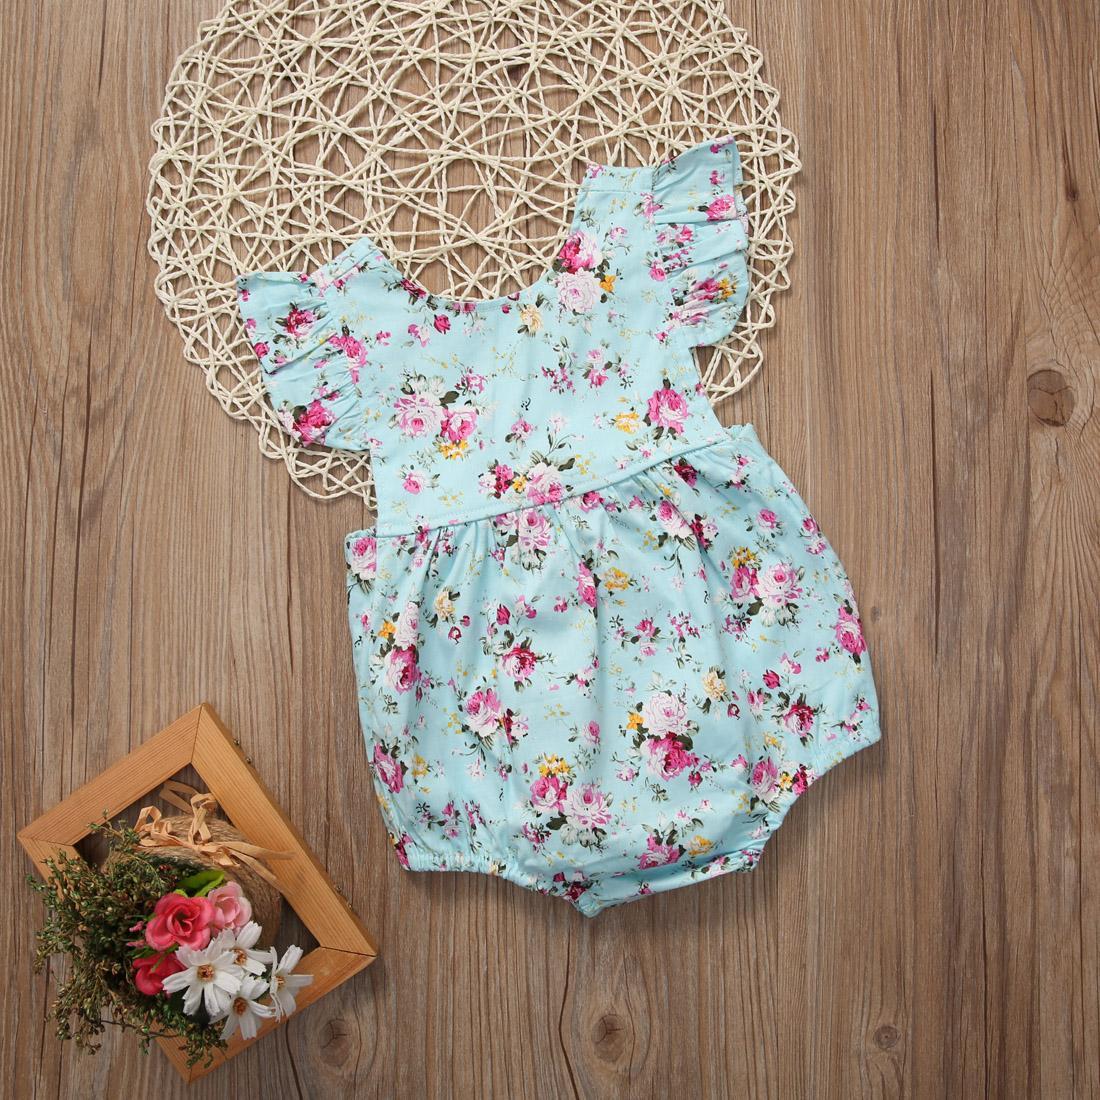 Baru Satu Kepingan Bayi Perempuan Bunga Musim Panas Baju Ruffled Jumpsuit Playsuit Bayi-Internasional ...